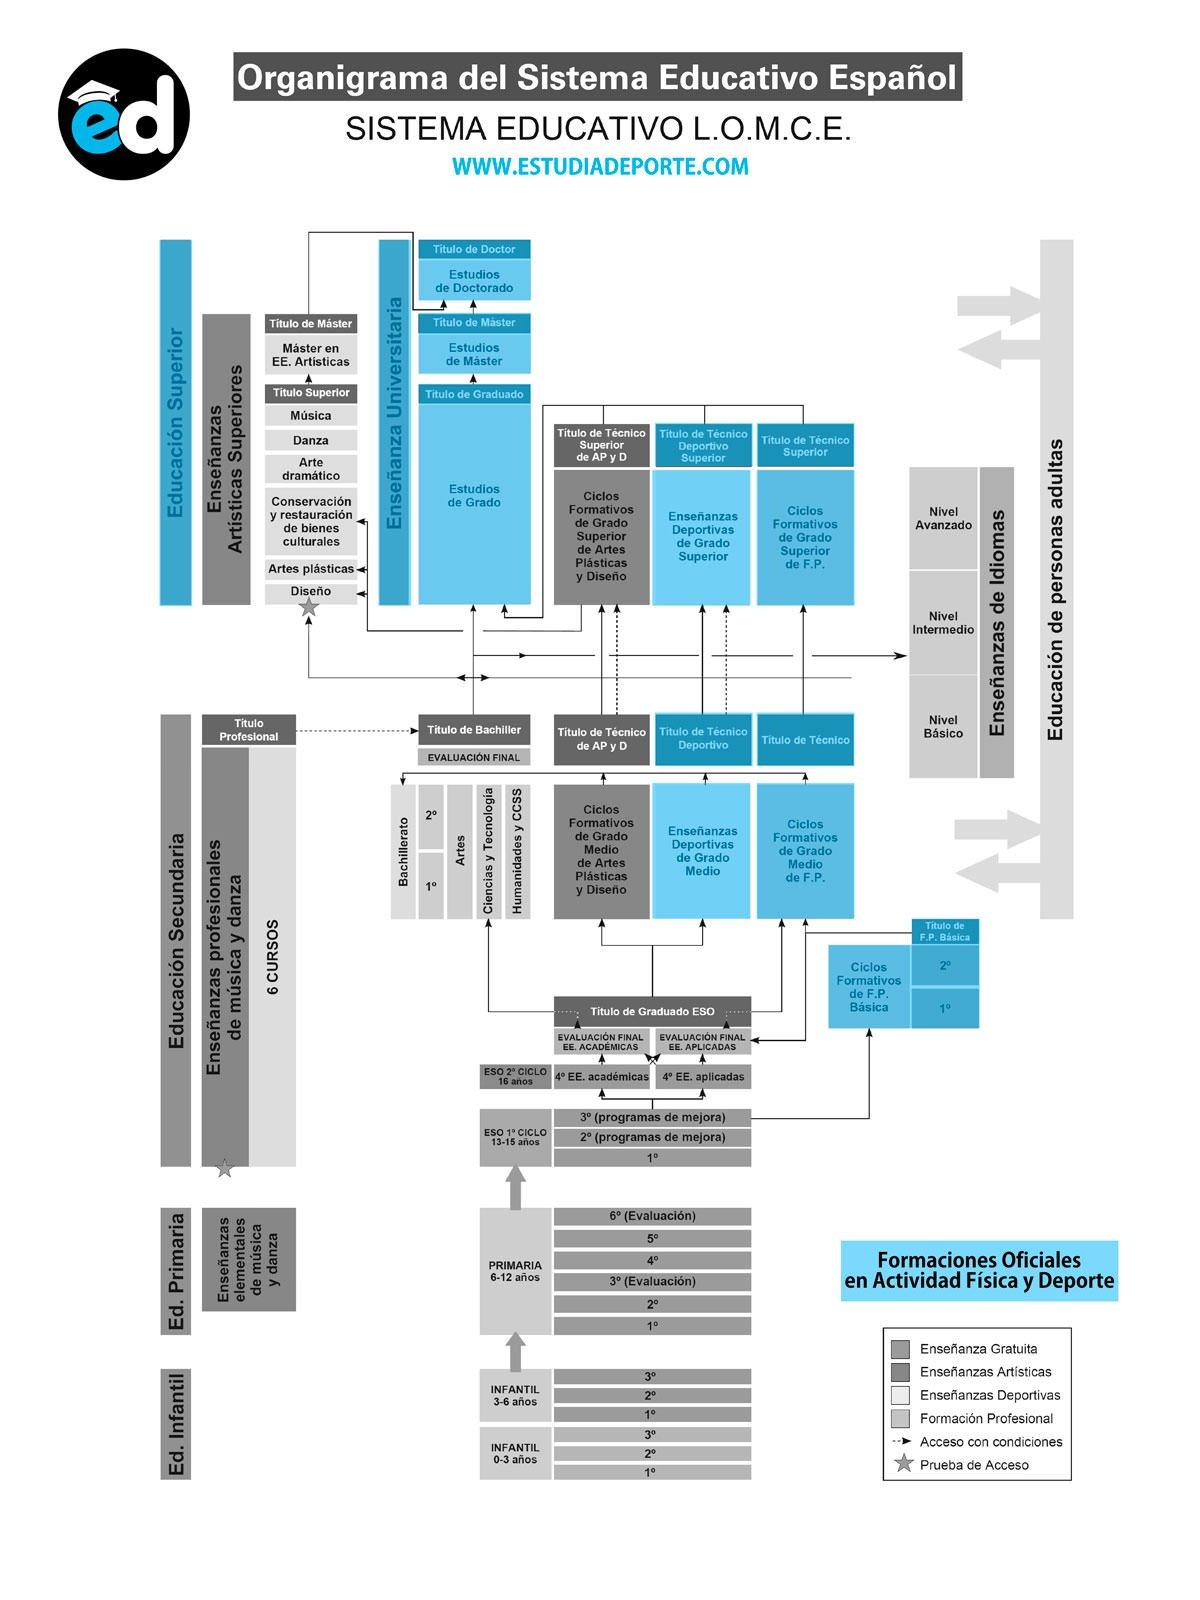 LOMCE Sistema Educativo de España. Formaciones en Actividad Física y Deporte